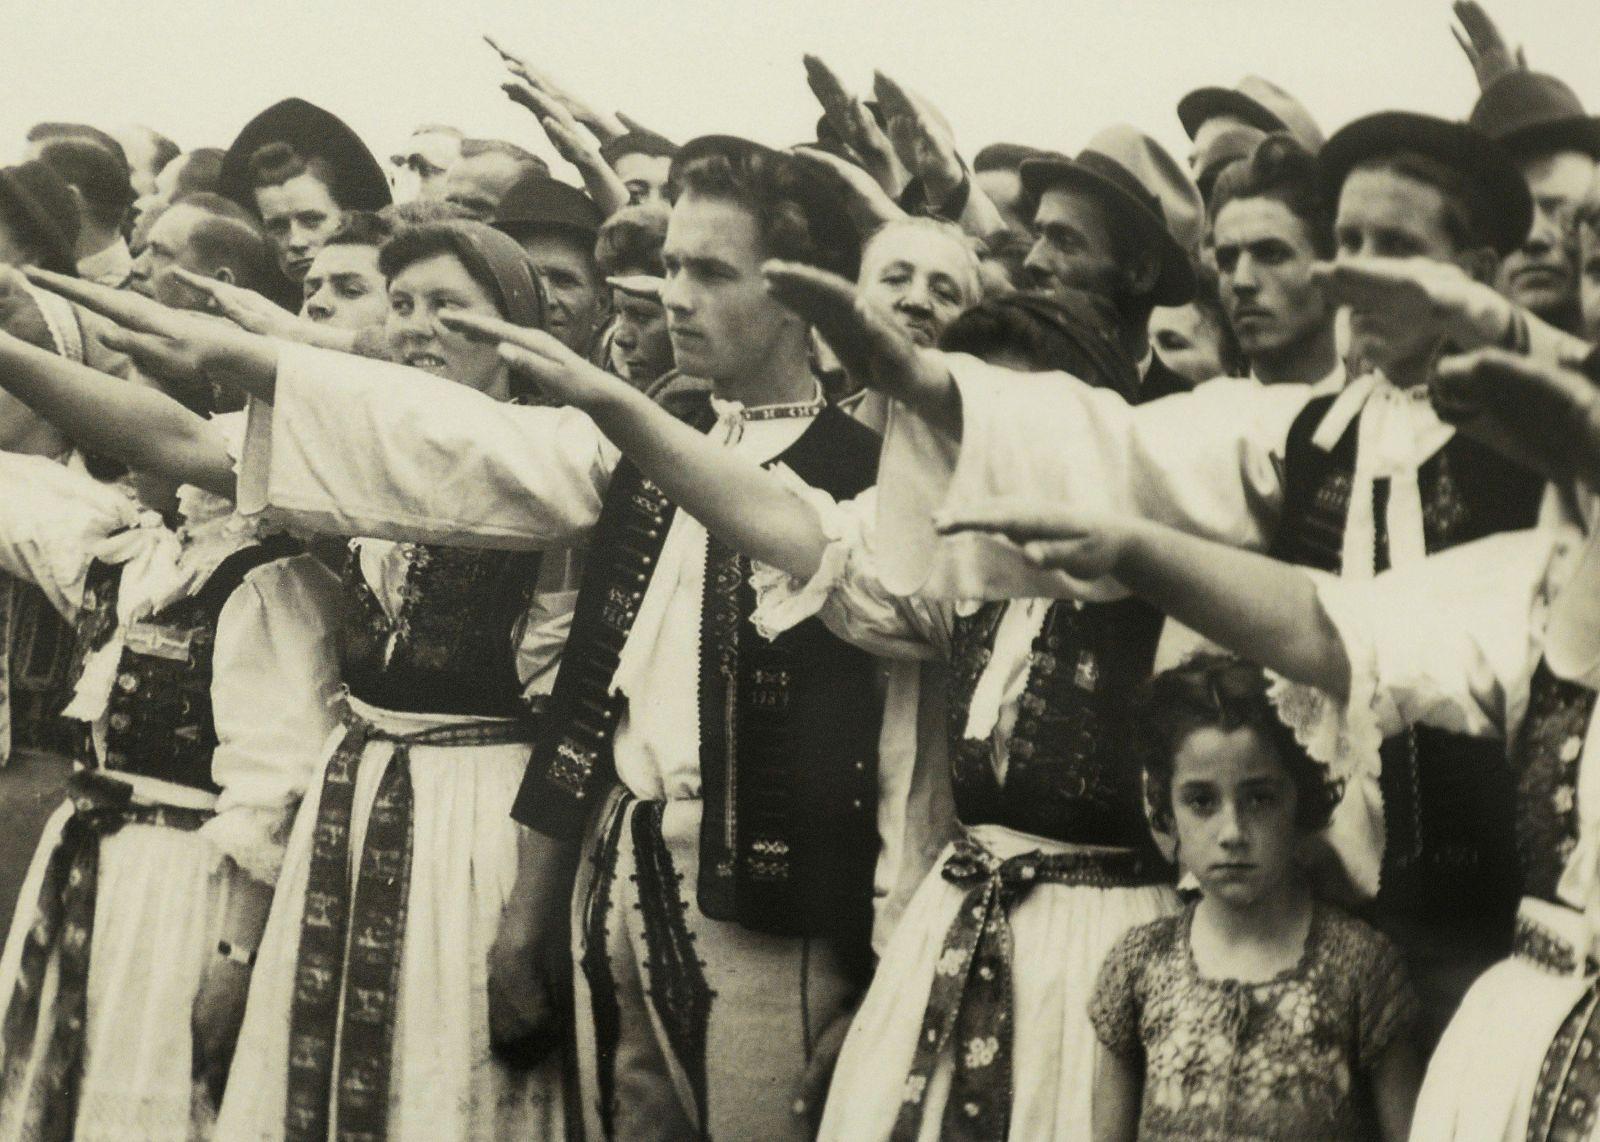 Čierna diera našich dejín. Aké sú najväčšie hanby a zverstvá Slovenského štátu?